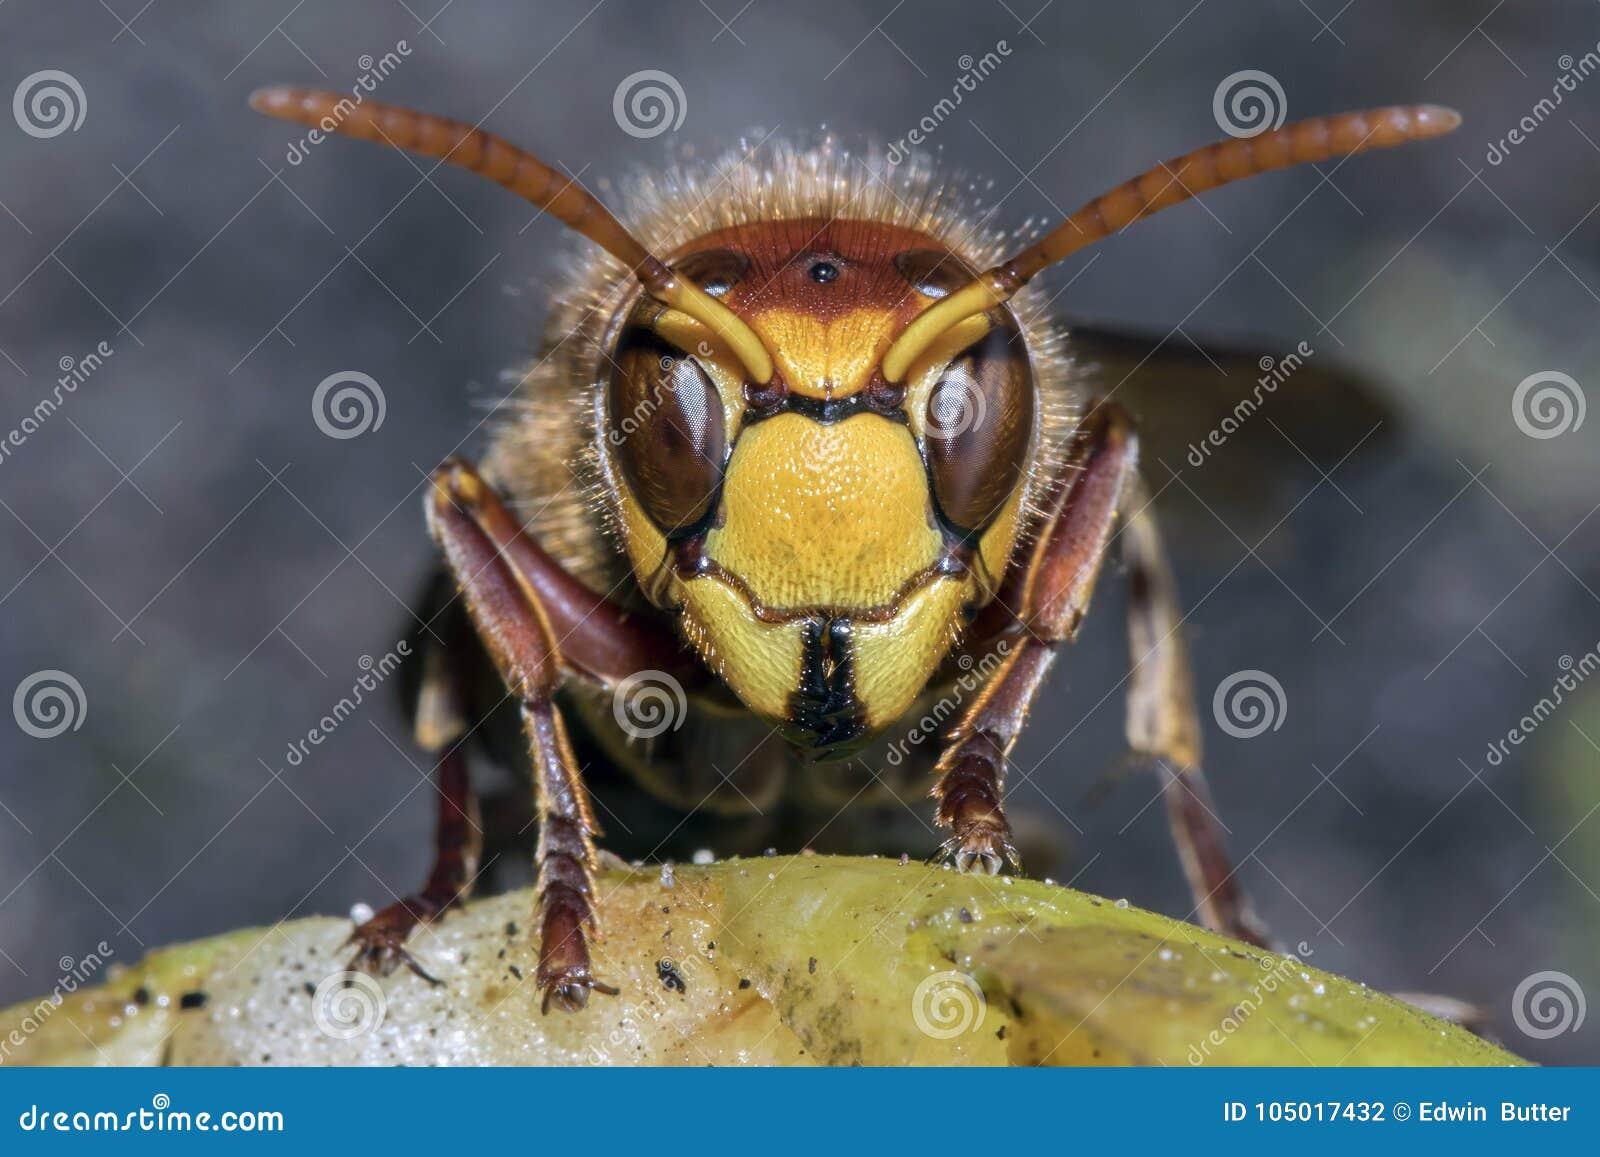 3838442ba4 Calabrone #01 fotografia stock. Immagine di yellow, pericolo - 105017432